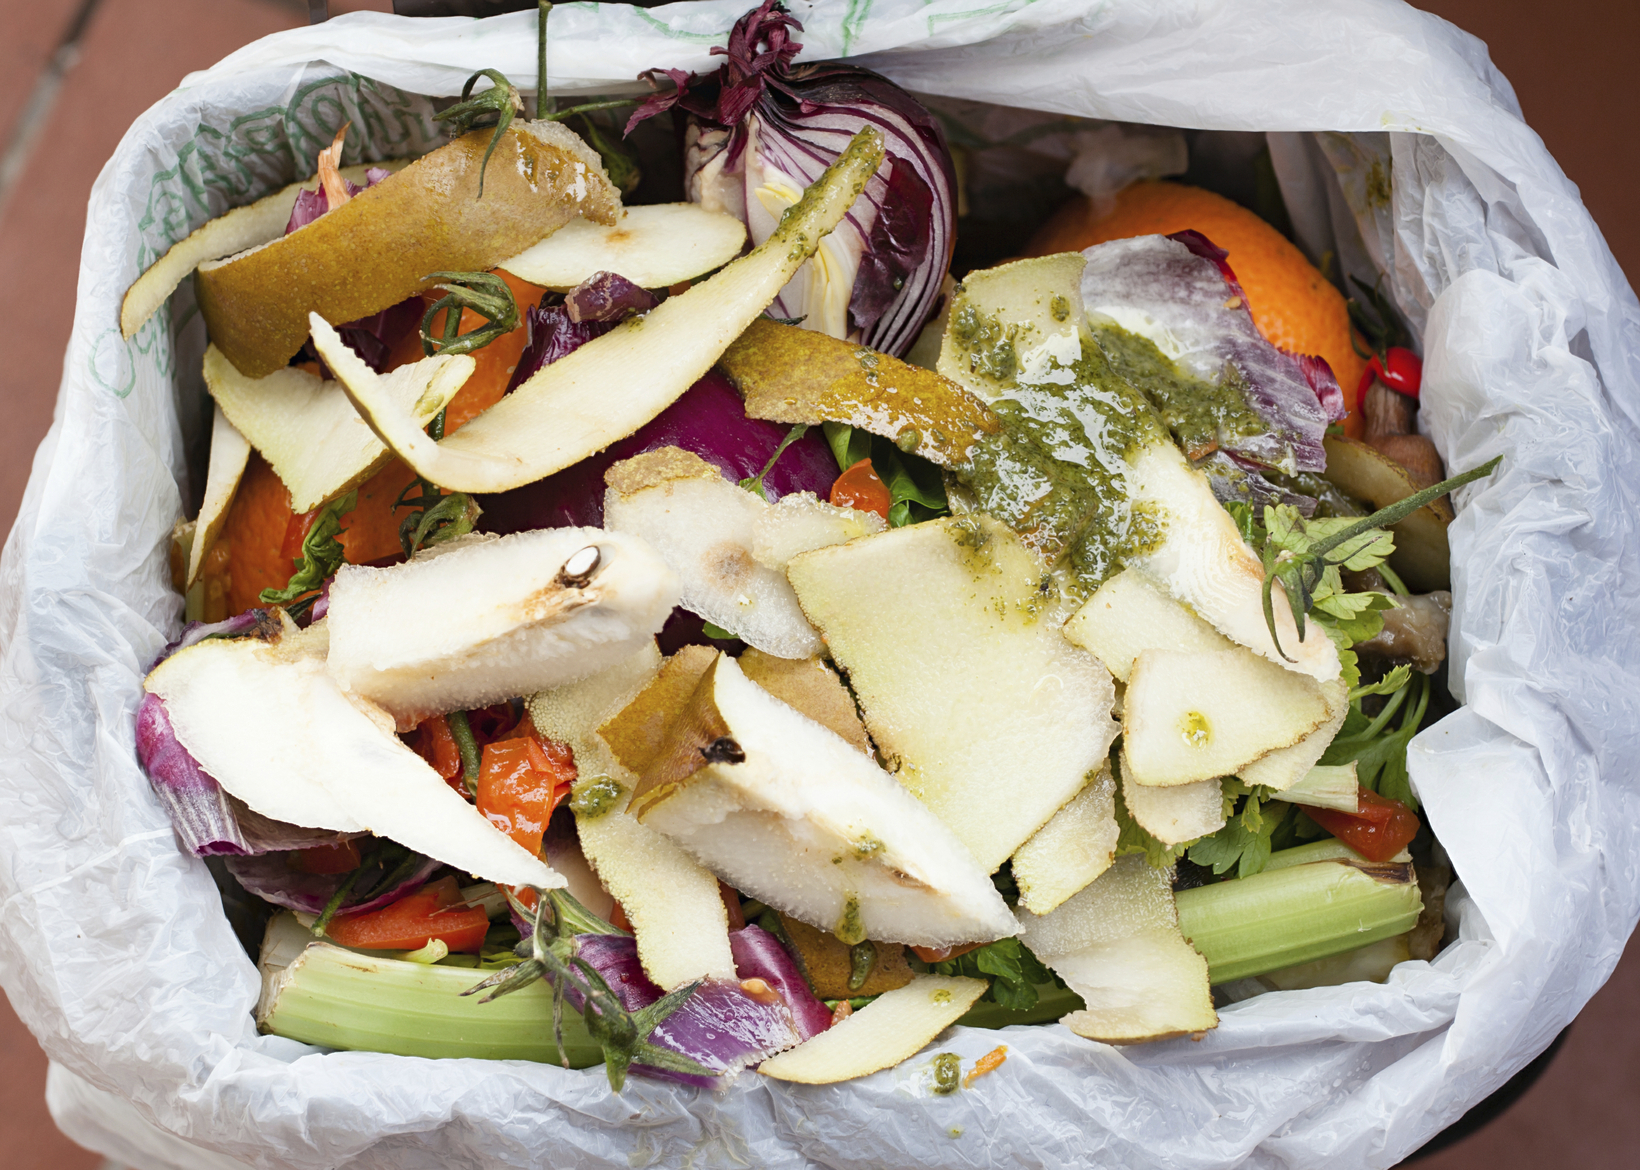 Food Waste Week